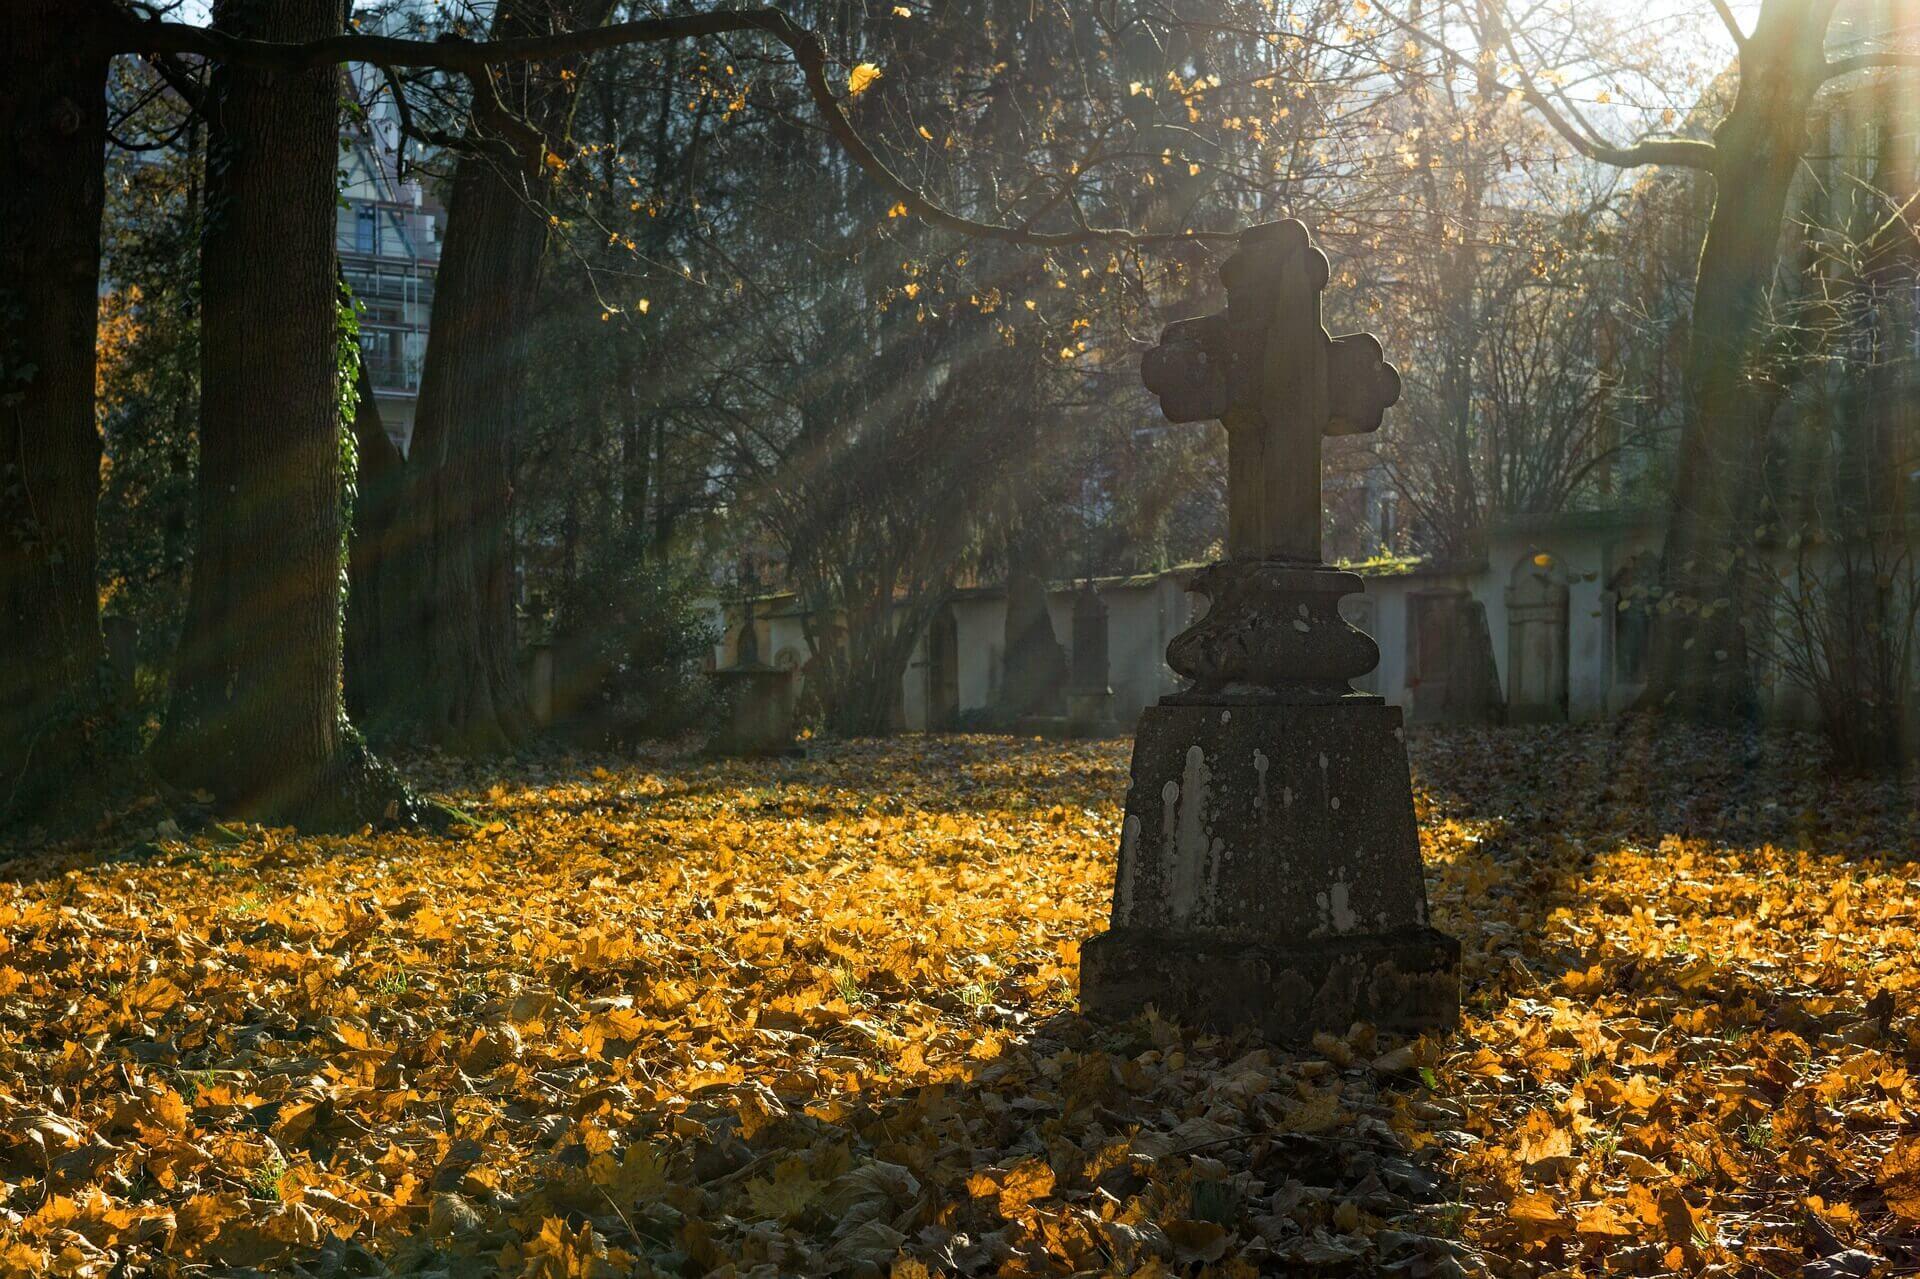 Miejsce na cmentarzu - pogrzeb.